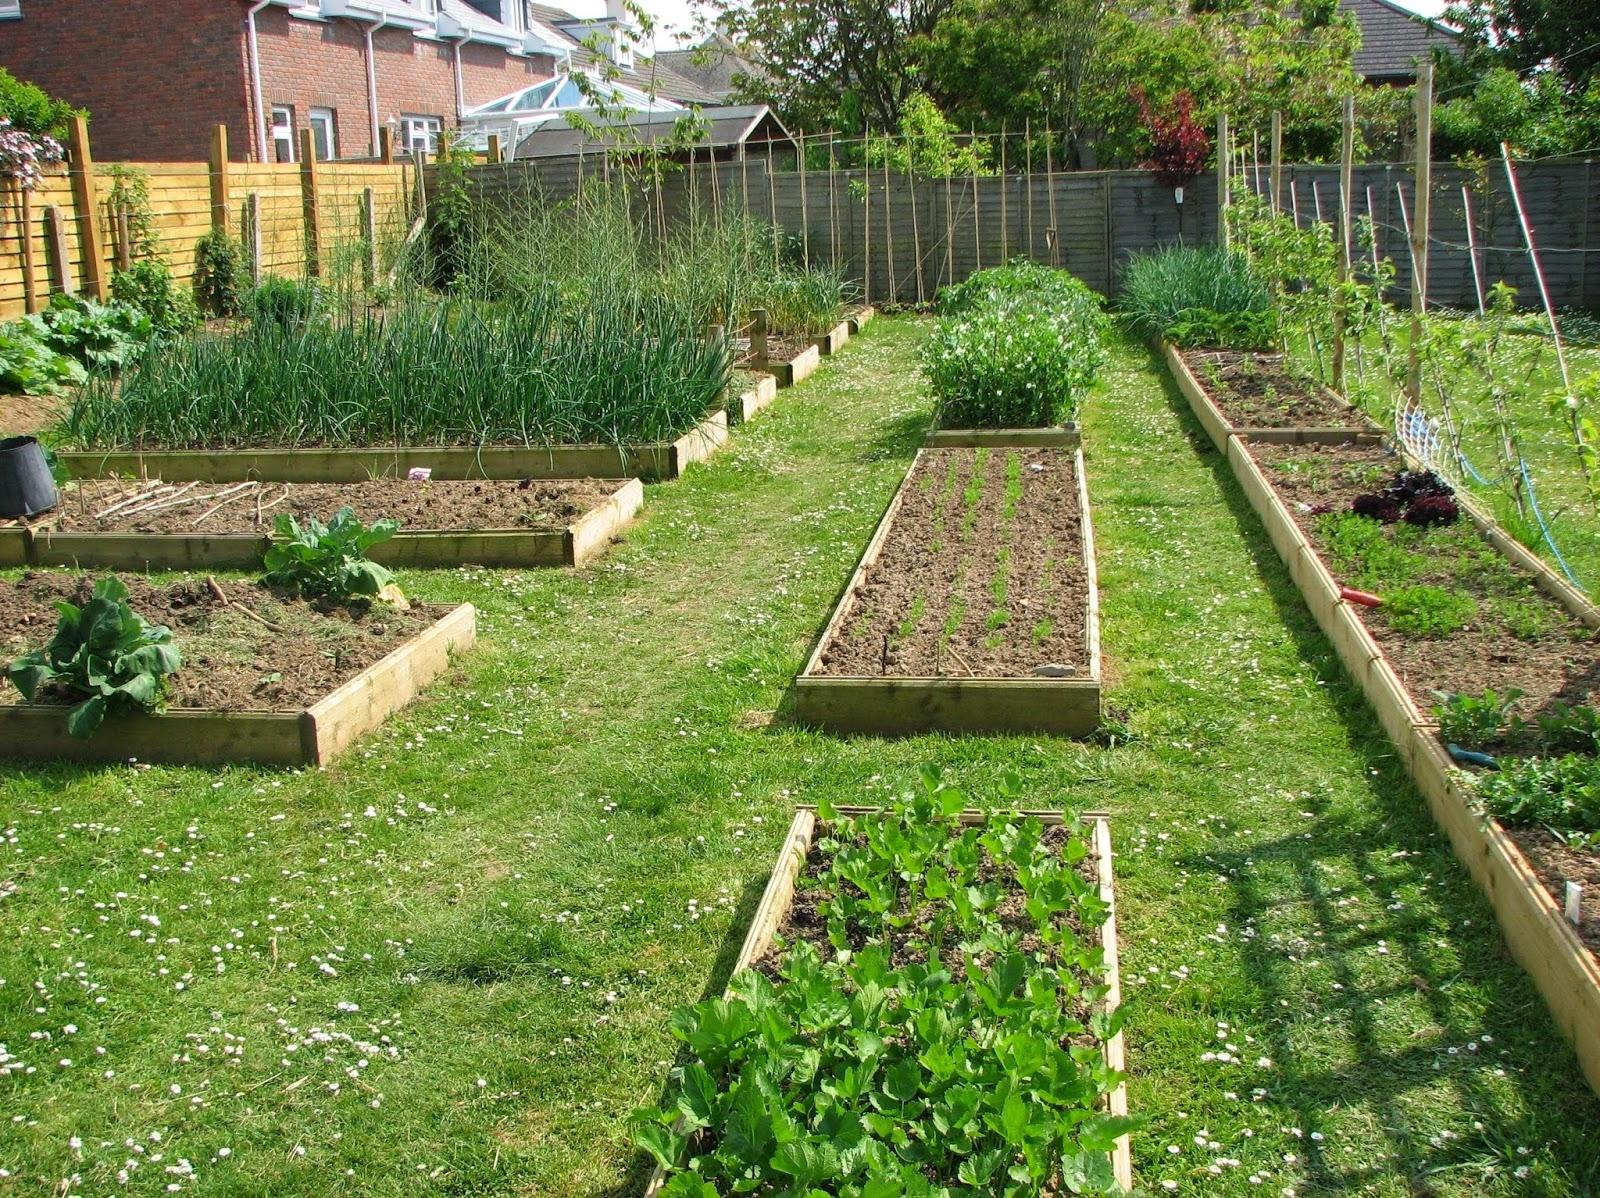 vegetable garden design ideas backyard photo - 9